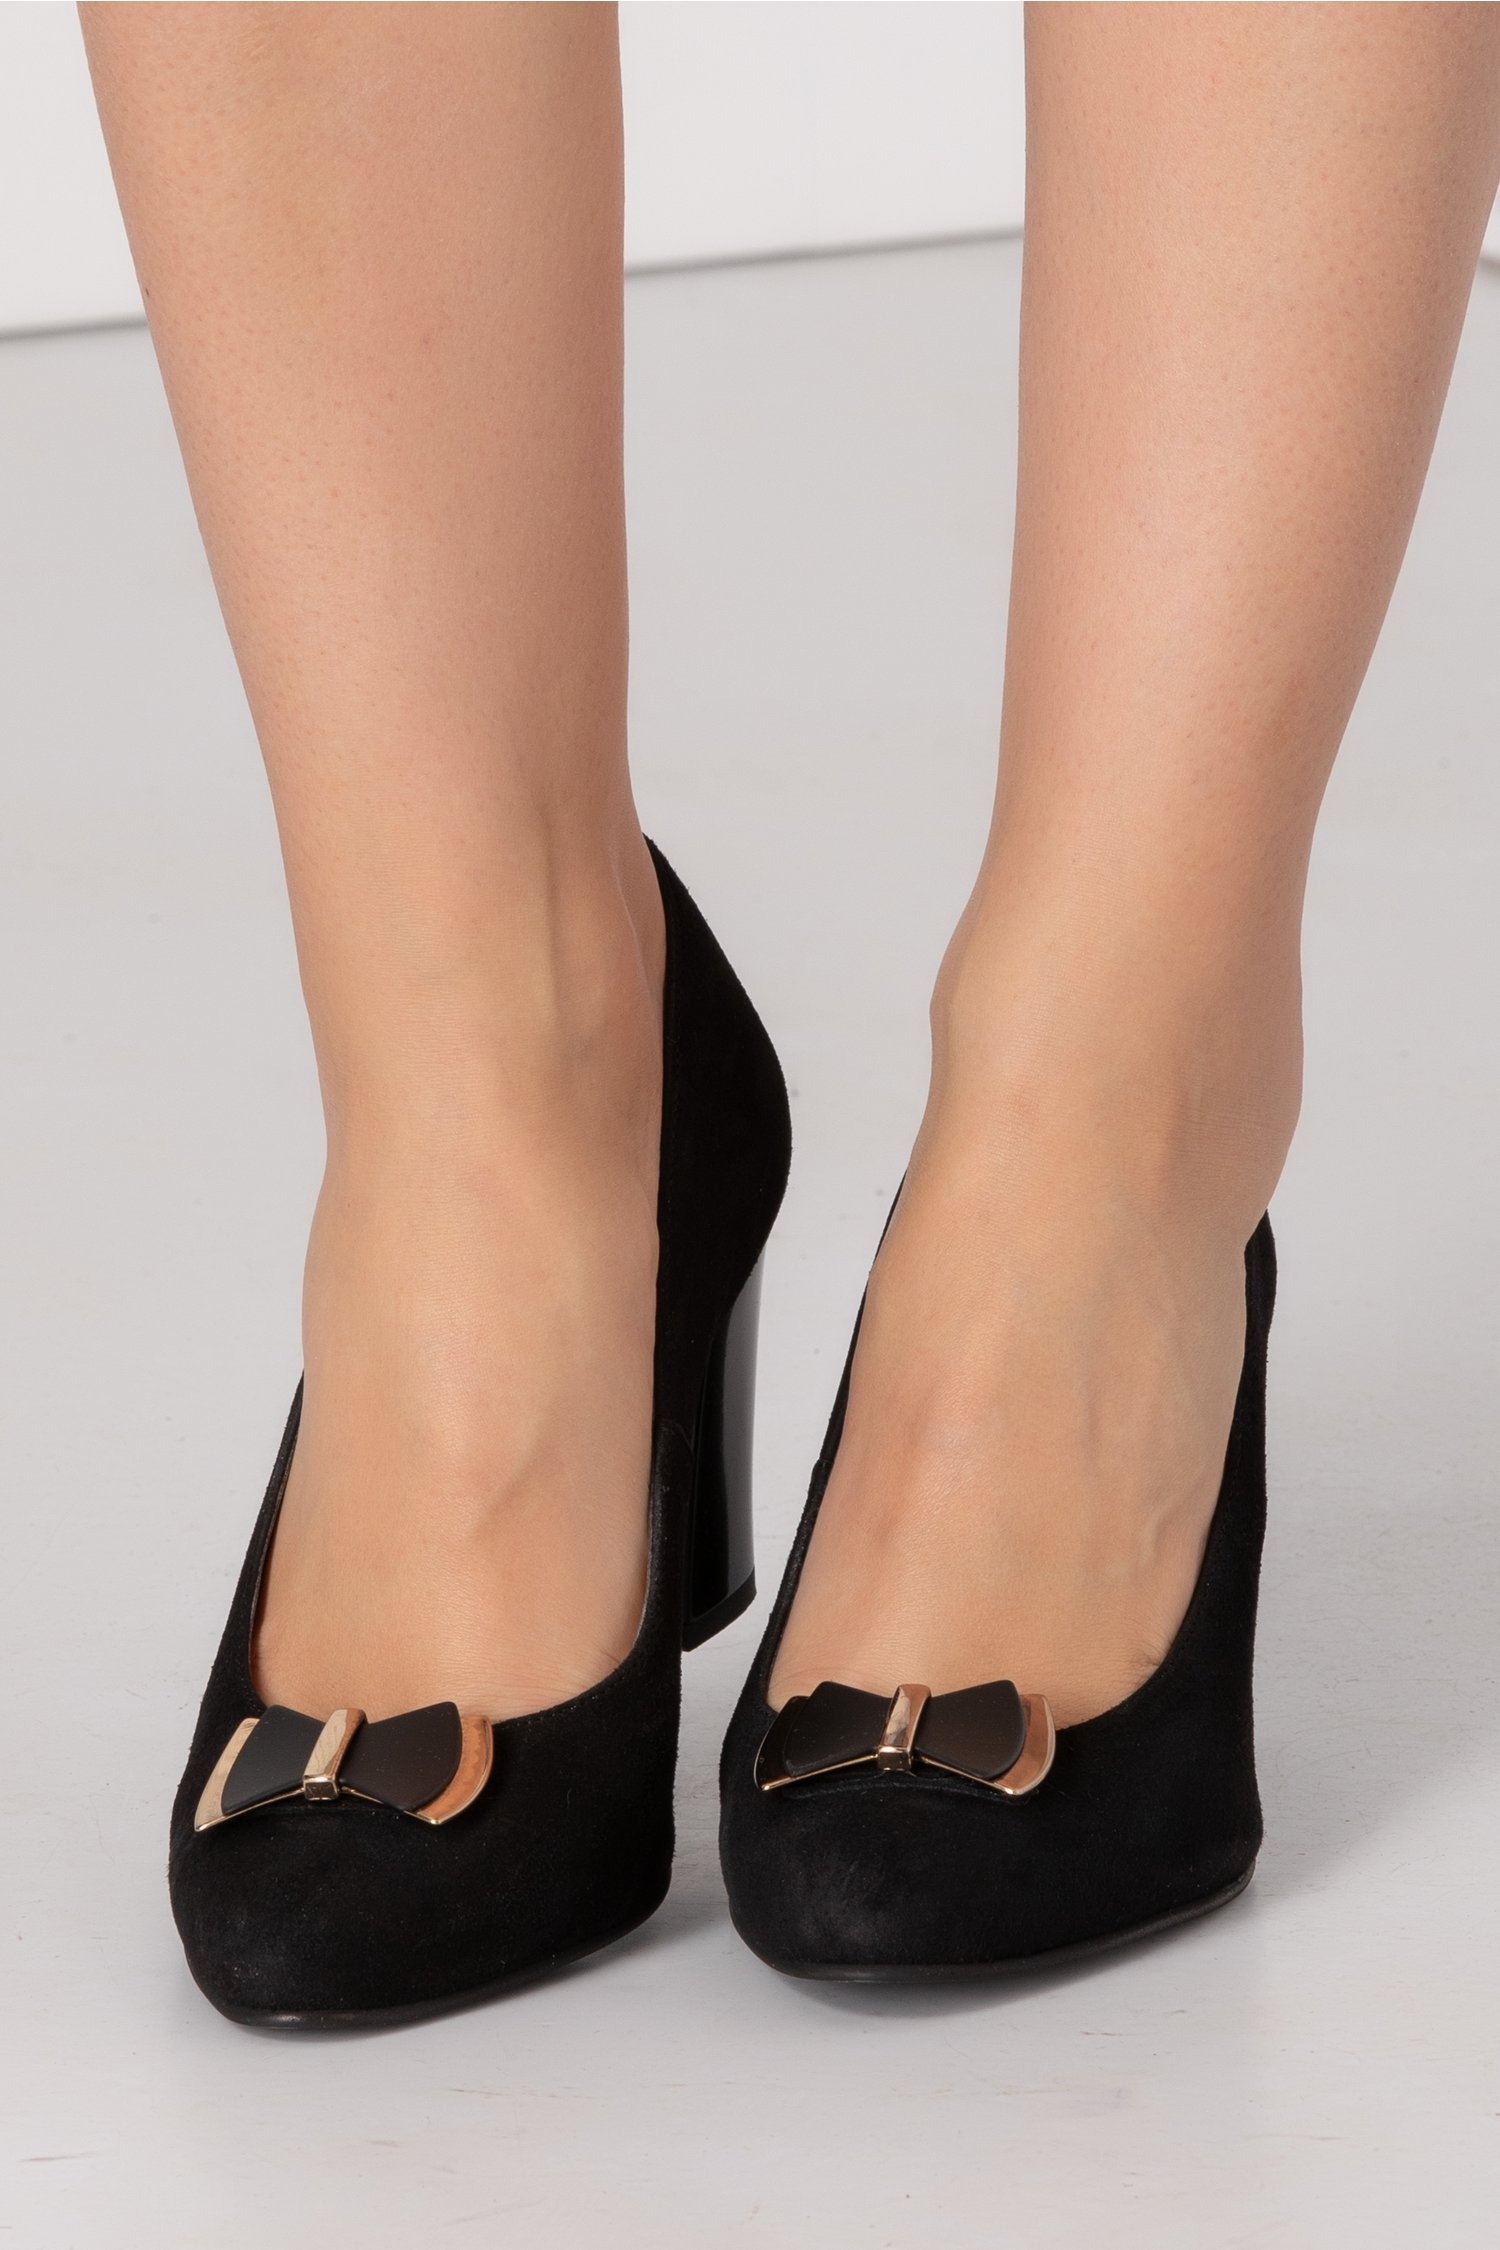 Pantofi Nella negri cu funda in fata